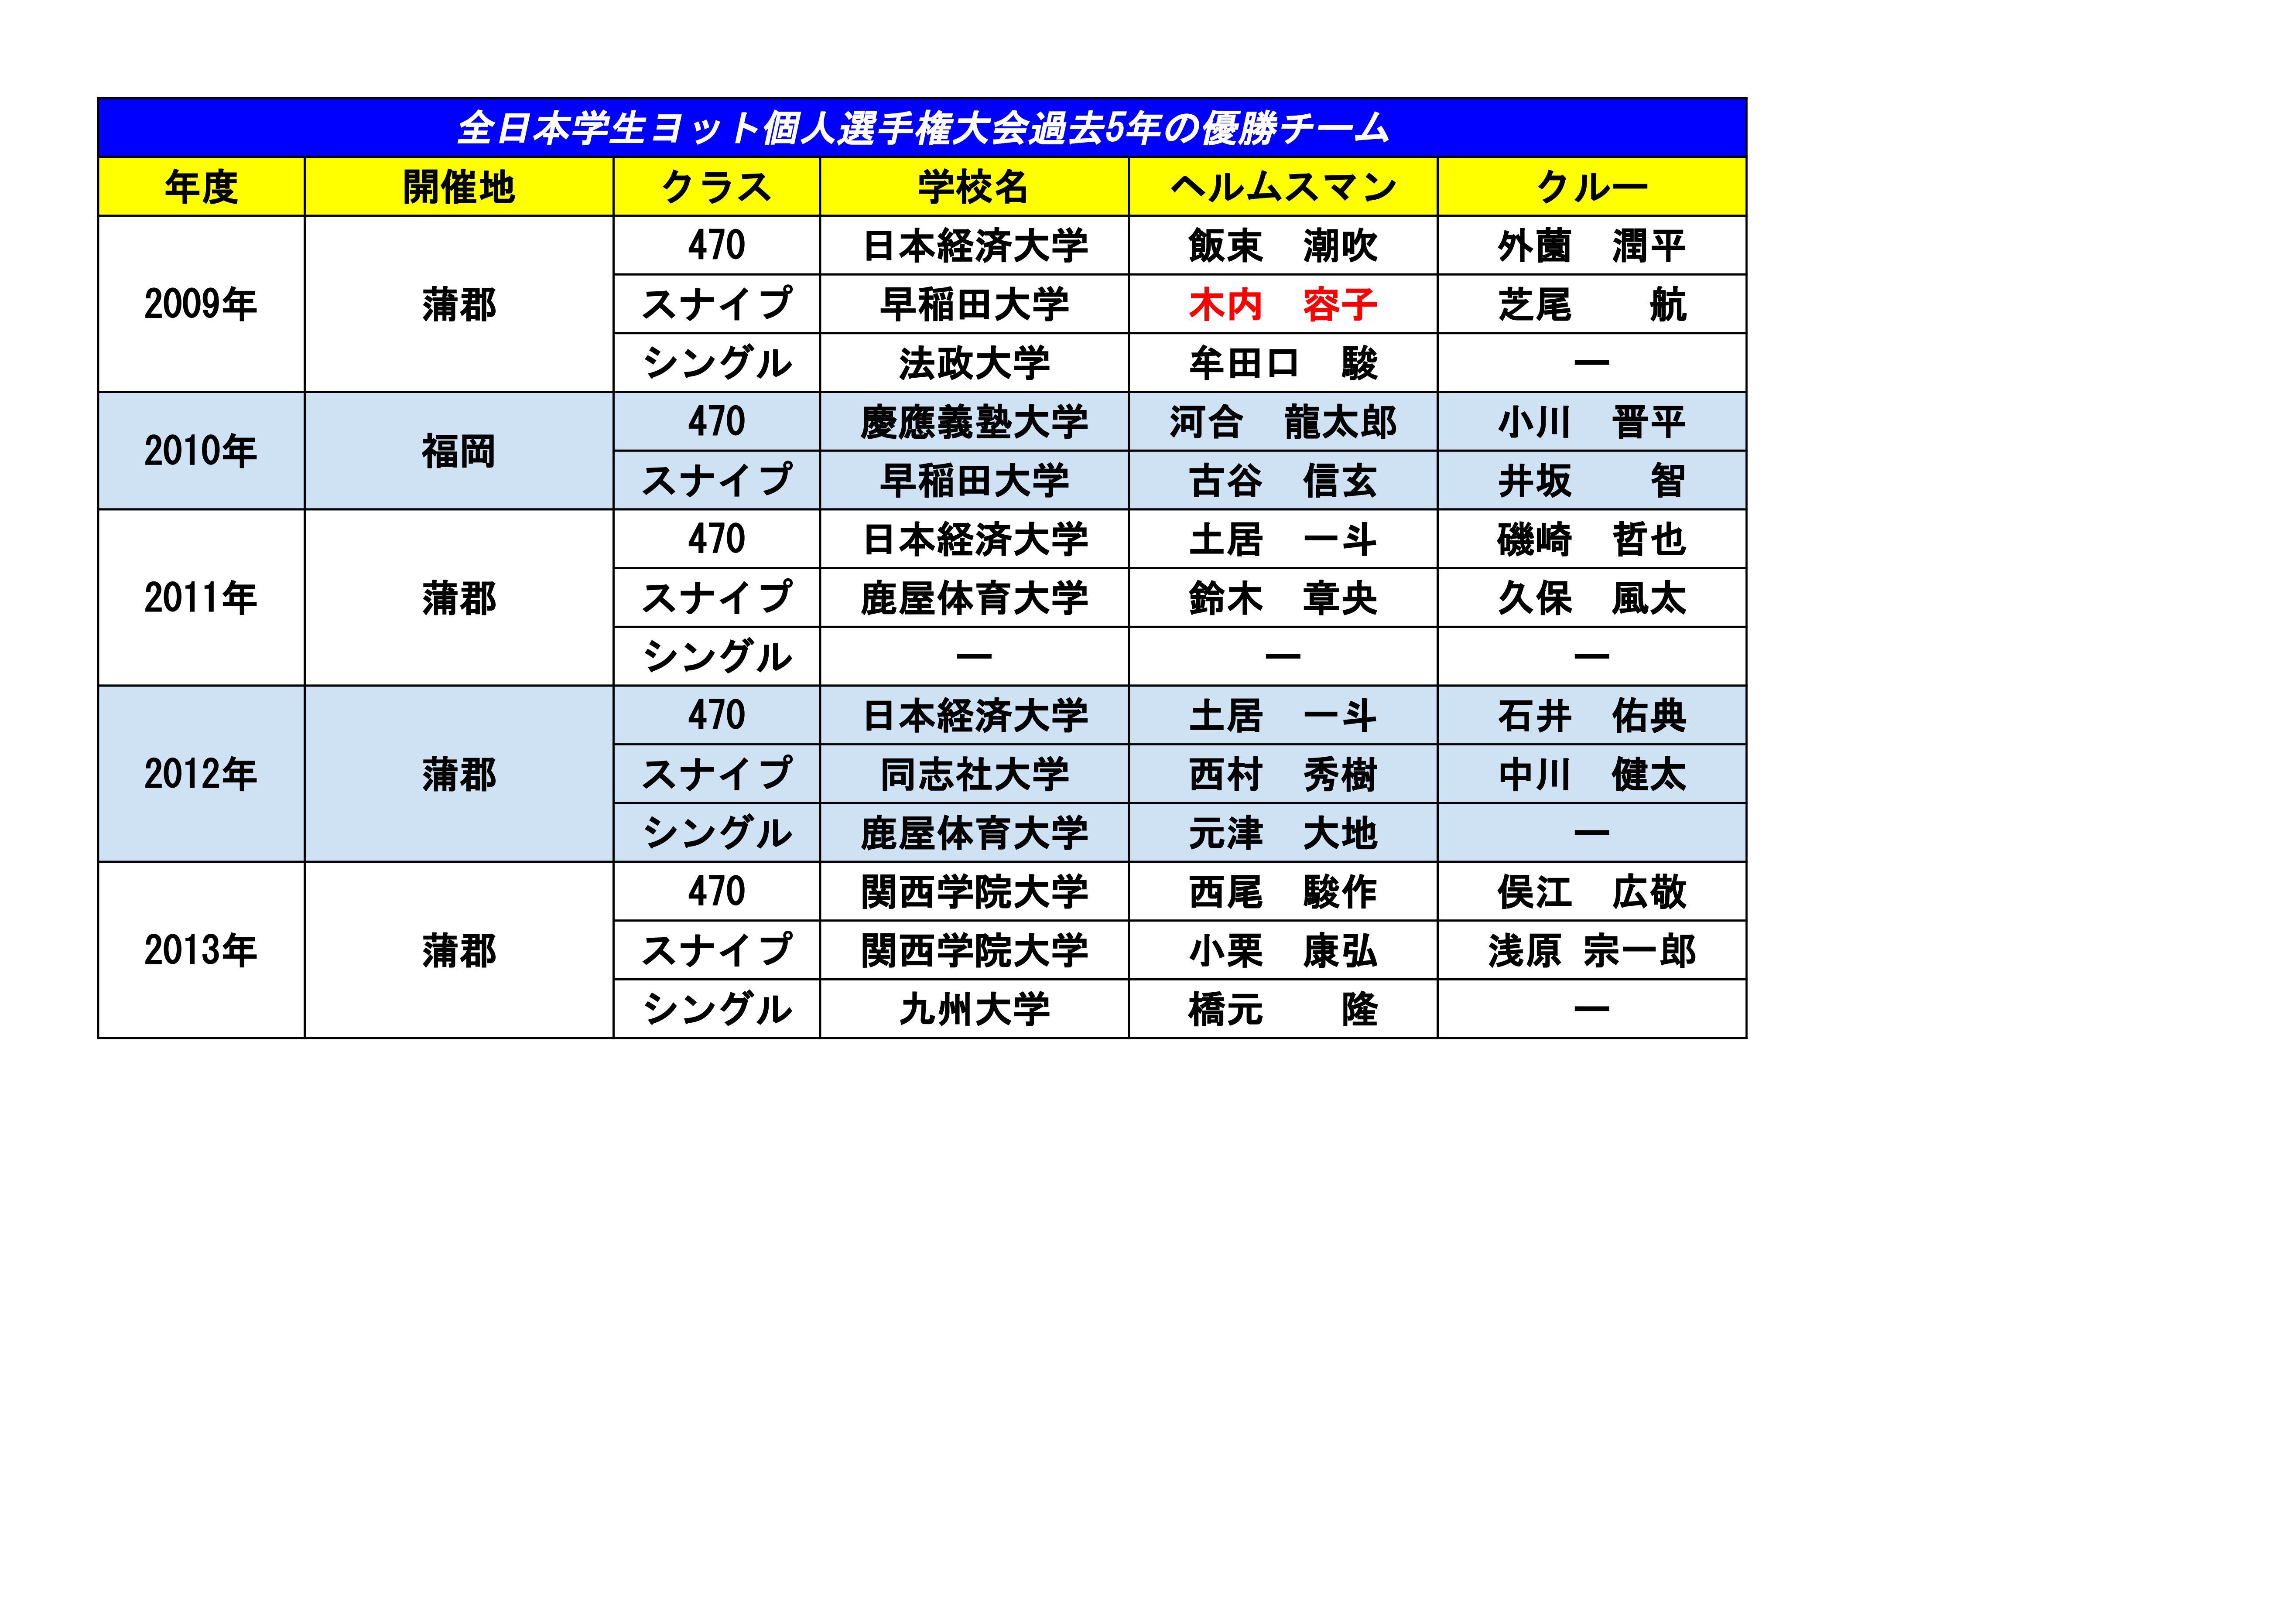 無題スプレッドシート - シート1 (1)_01